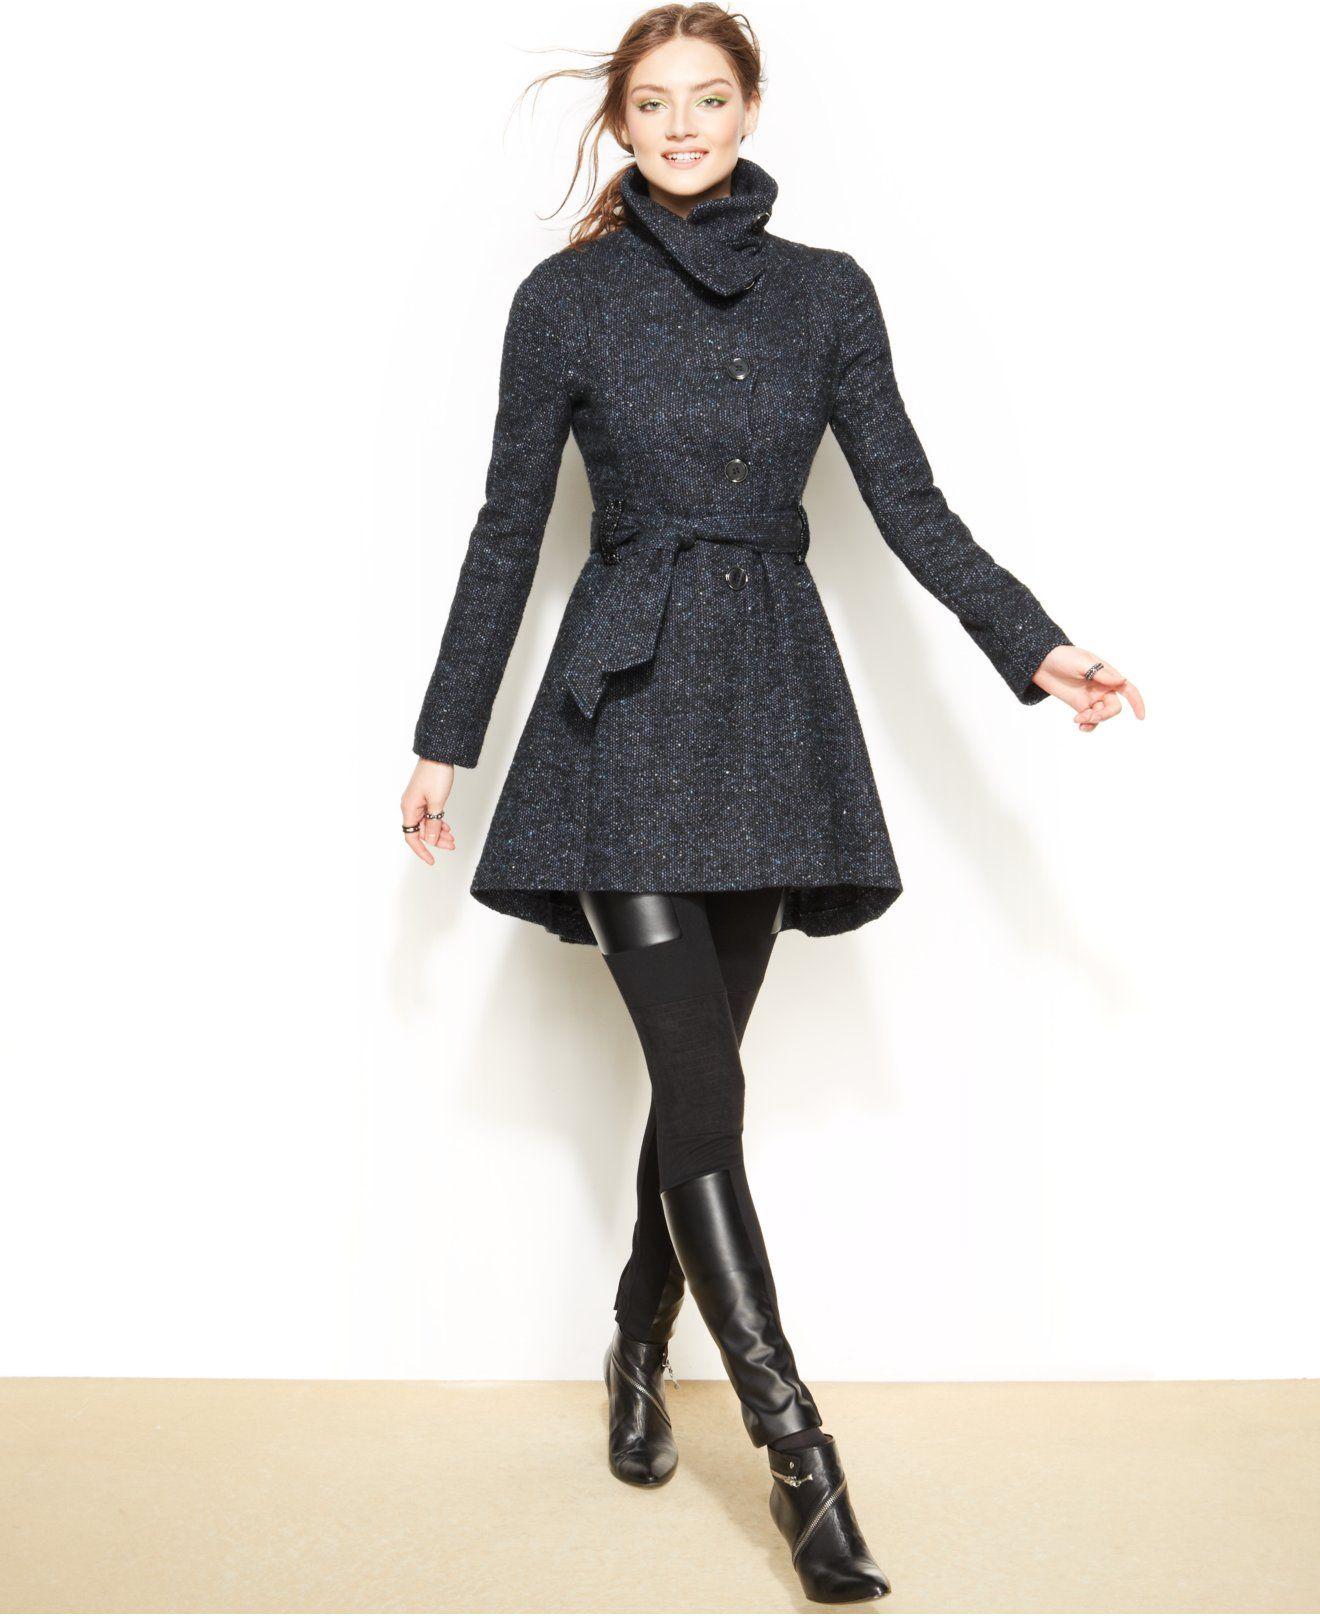 b171052b086 Steve Madden Drama Flared Funnel-Collar Coat - Coats - Women ...